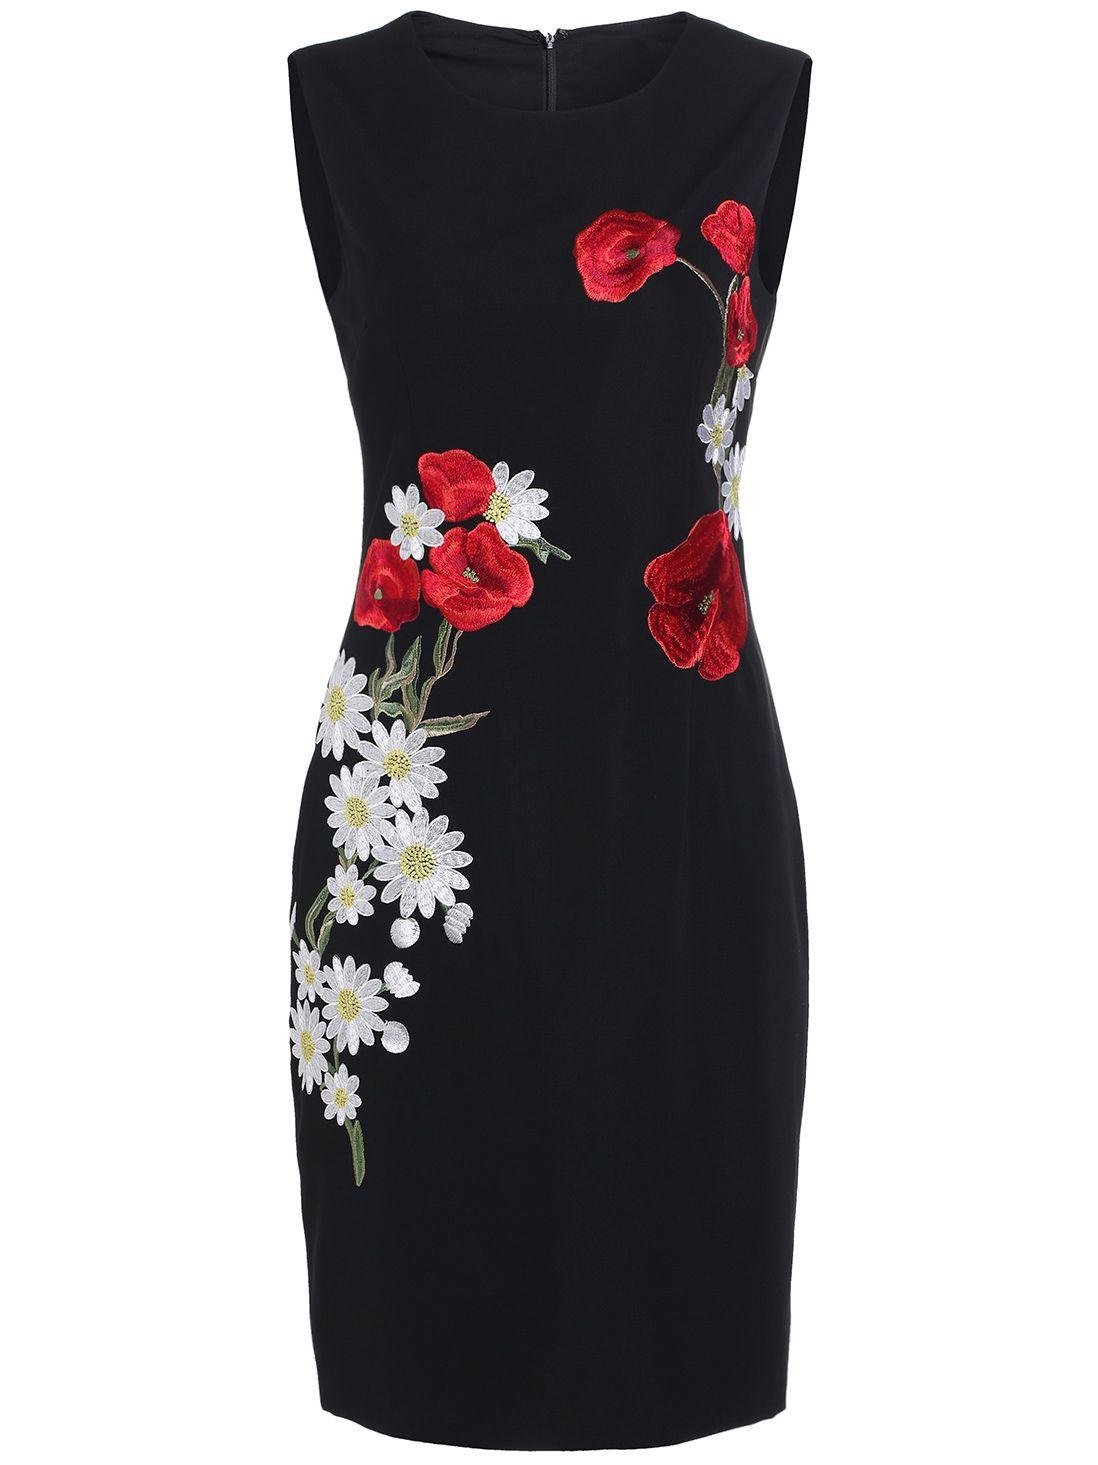 9cad670d6 Vestido cuello redondo sin manga bordado -negro 56.25 | Modelos en ...